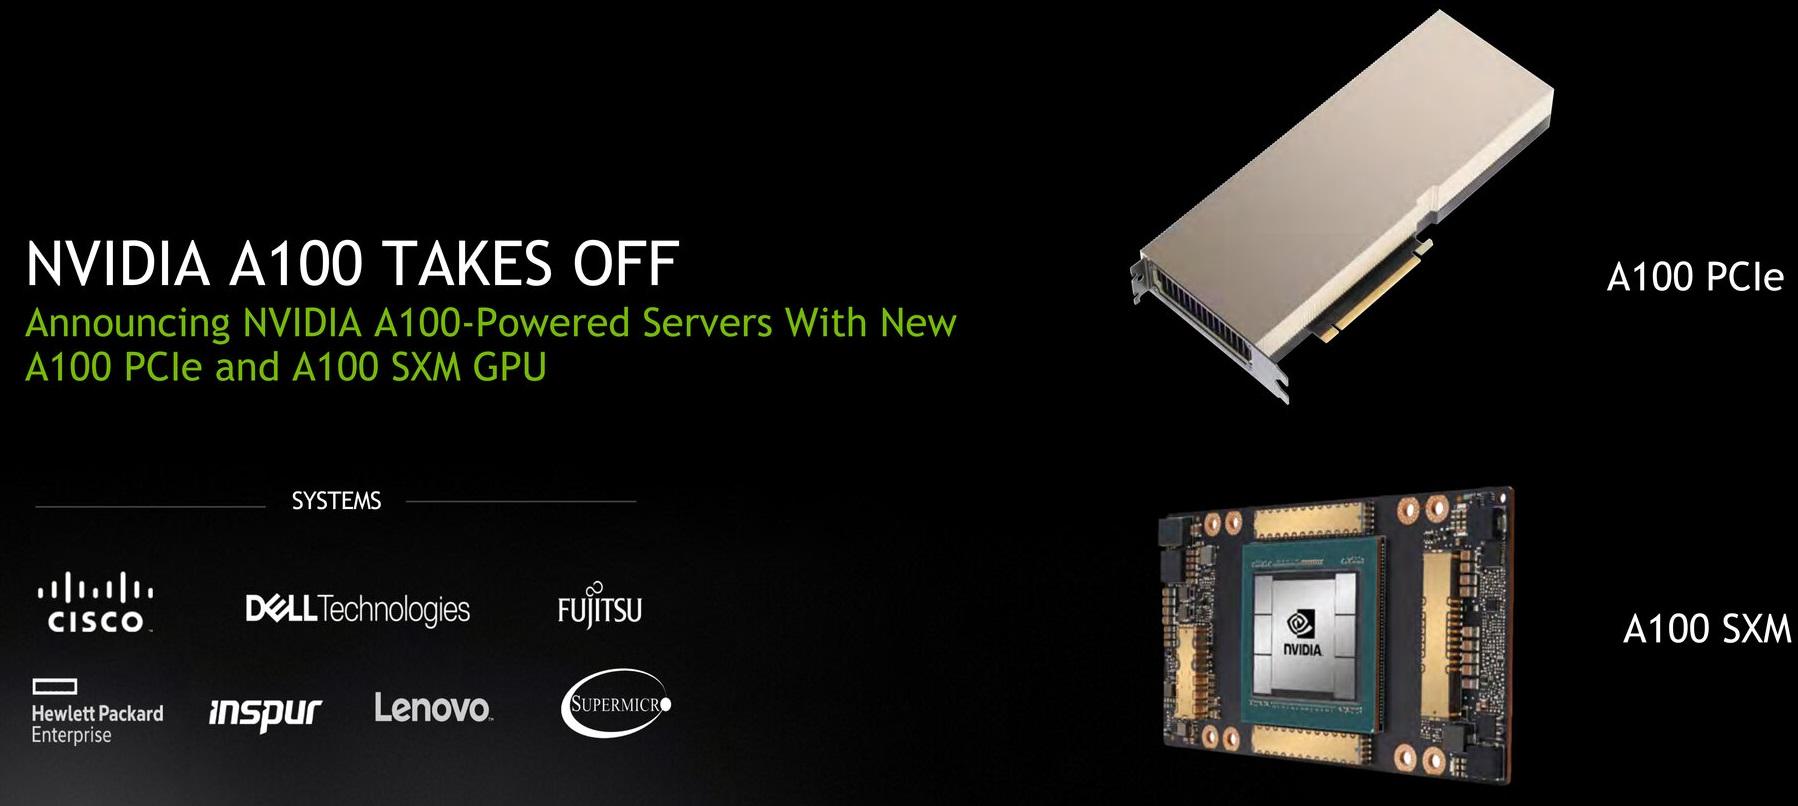 Представлен вариант ускорителя Nvidia A100 с интерфейсом PCI-E 4.0